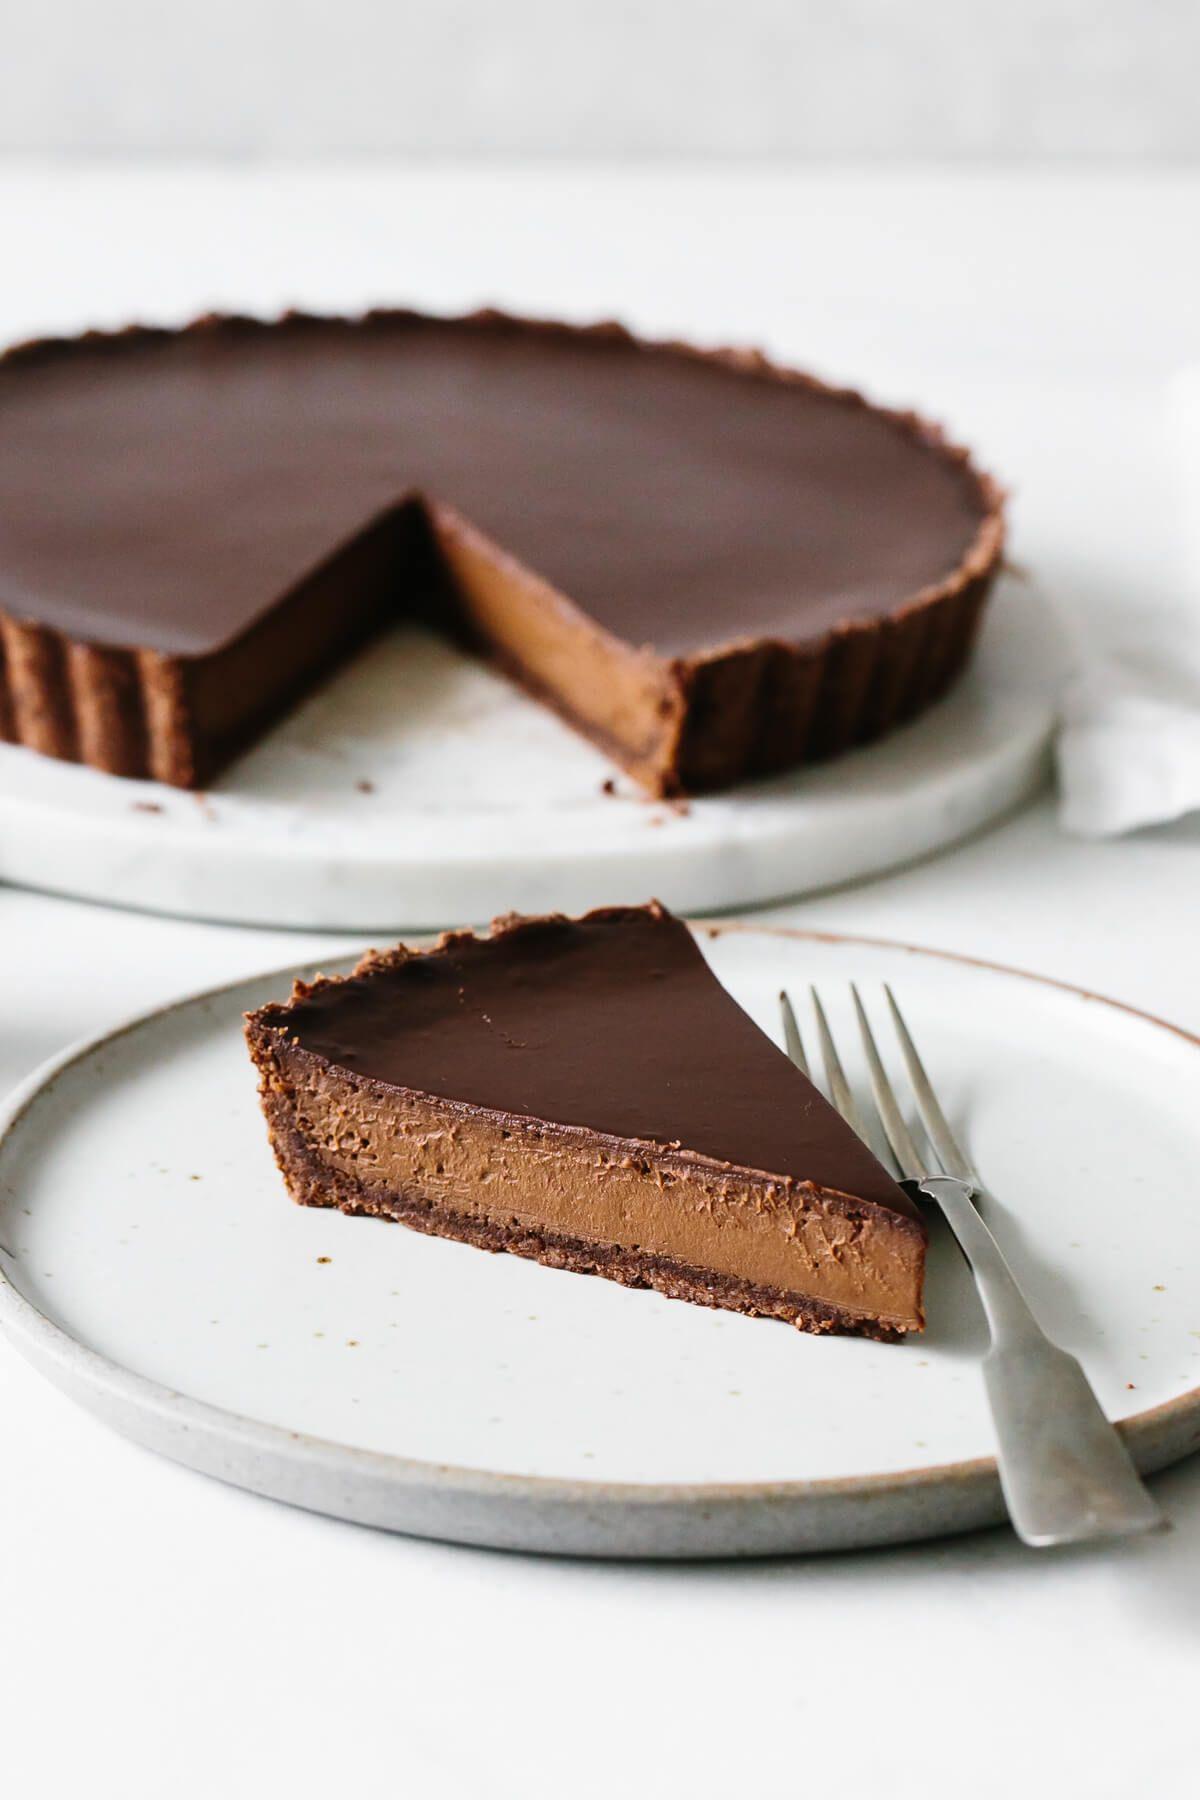 Chocolate Truffle Tart (gluten-free, dairy-free)